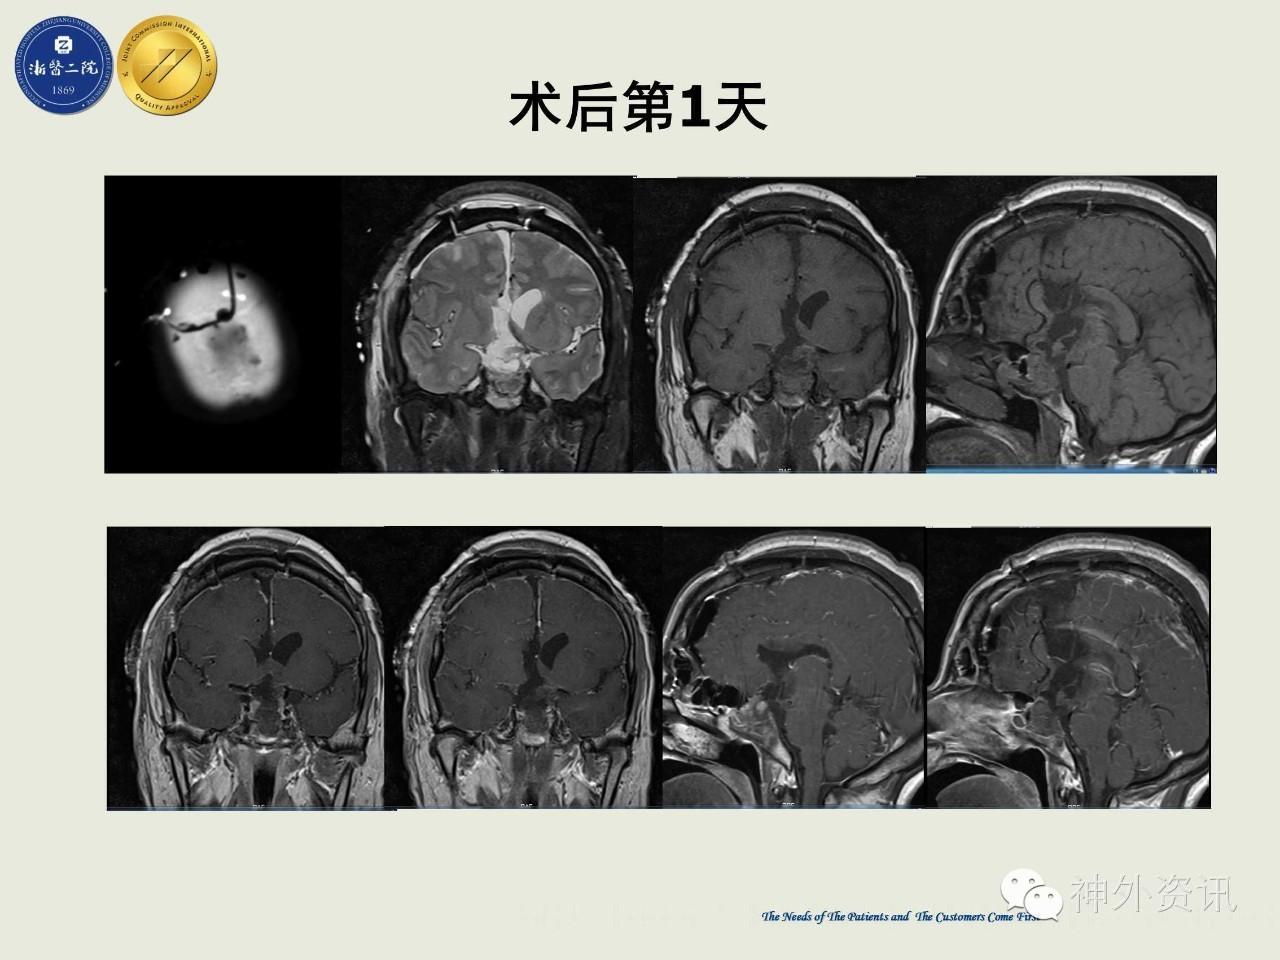 手术视频 浙二神外周刊 第63期 张建民教授 经纵裂 胼胝体 三脑室入路切除复发性垂体巨腺瘤